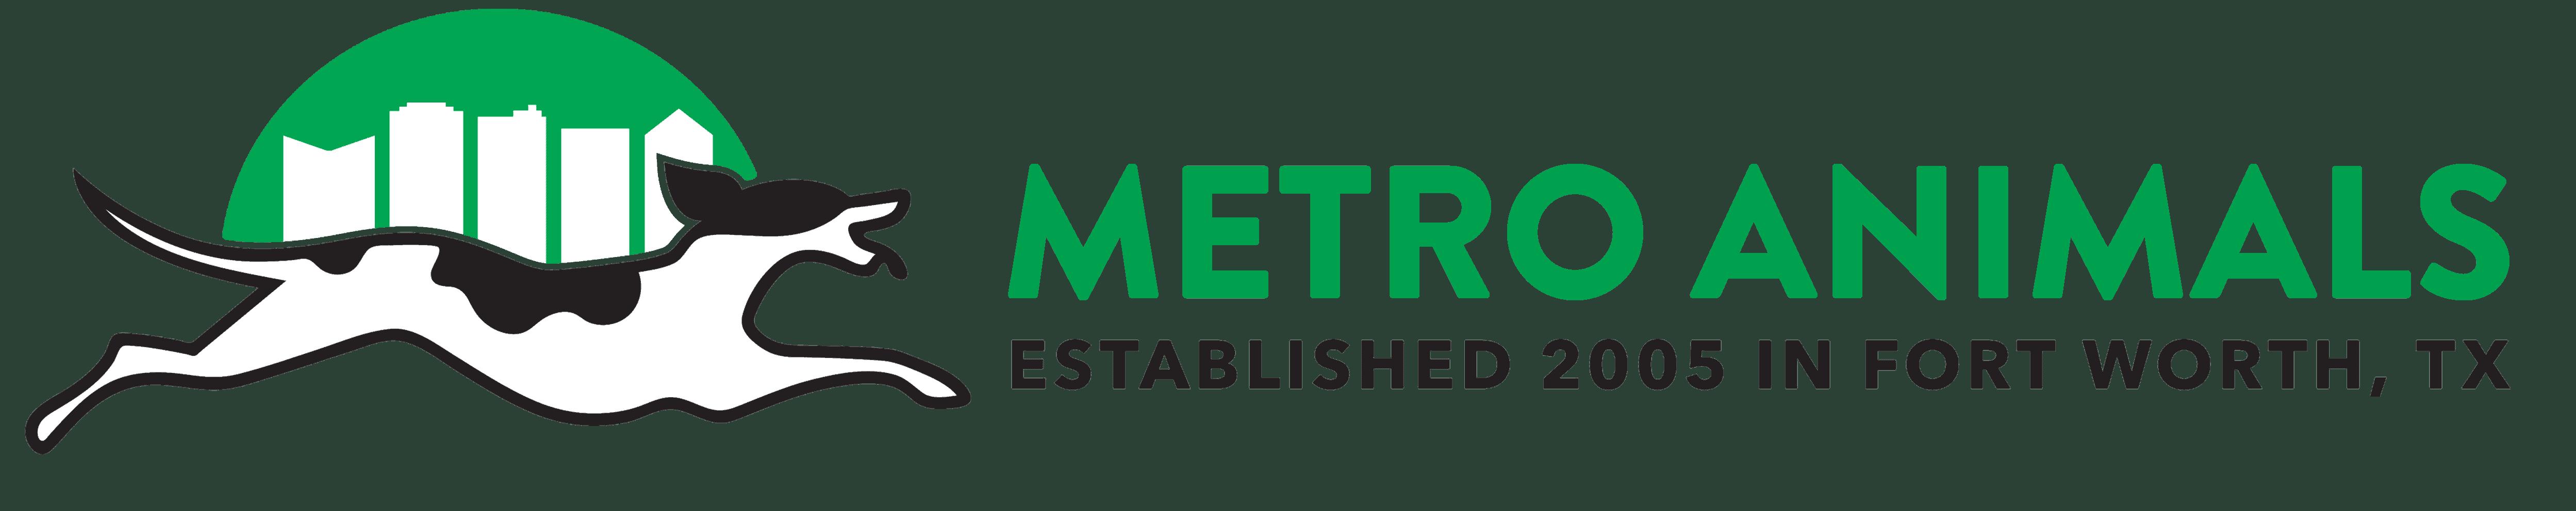 Metro Animals